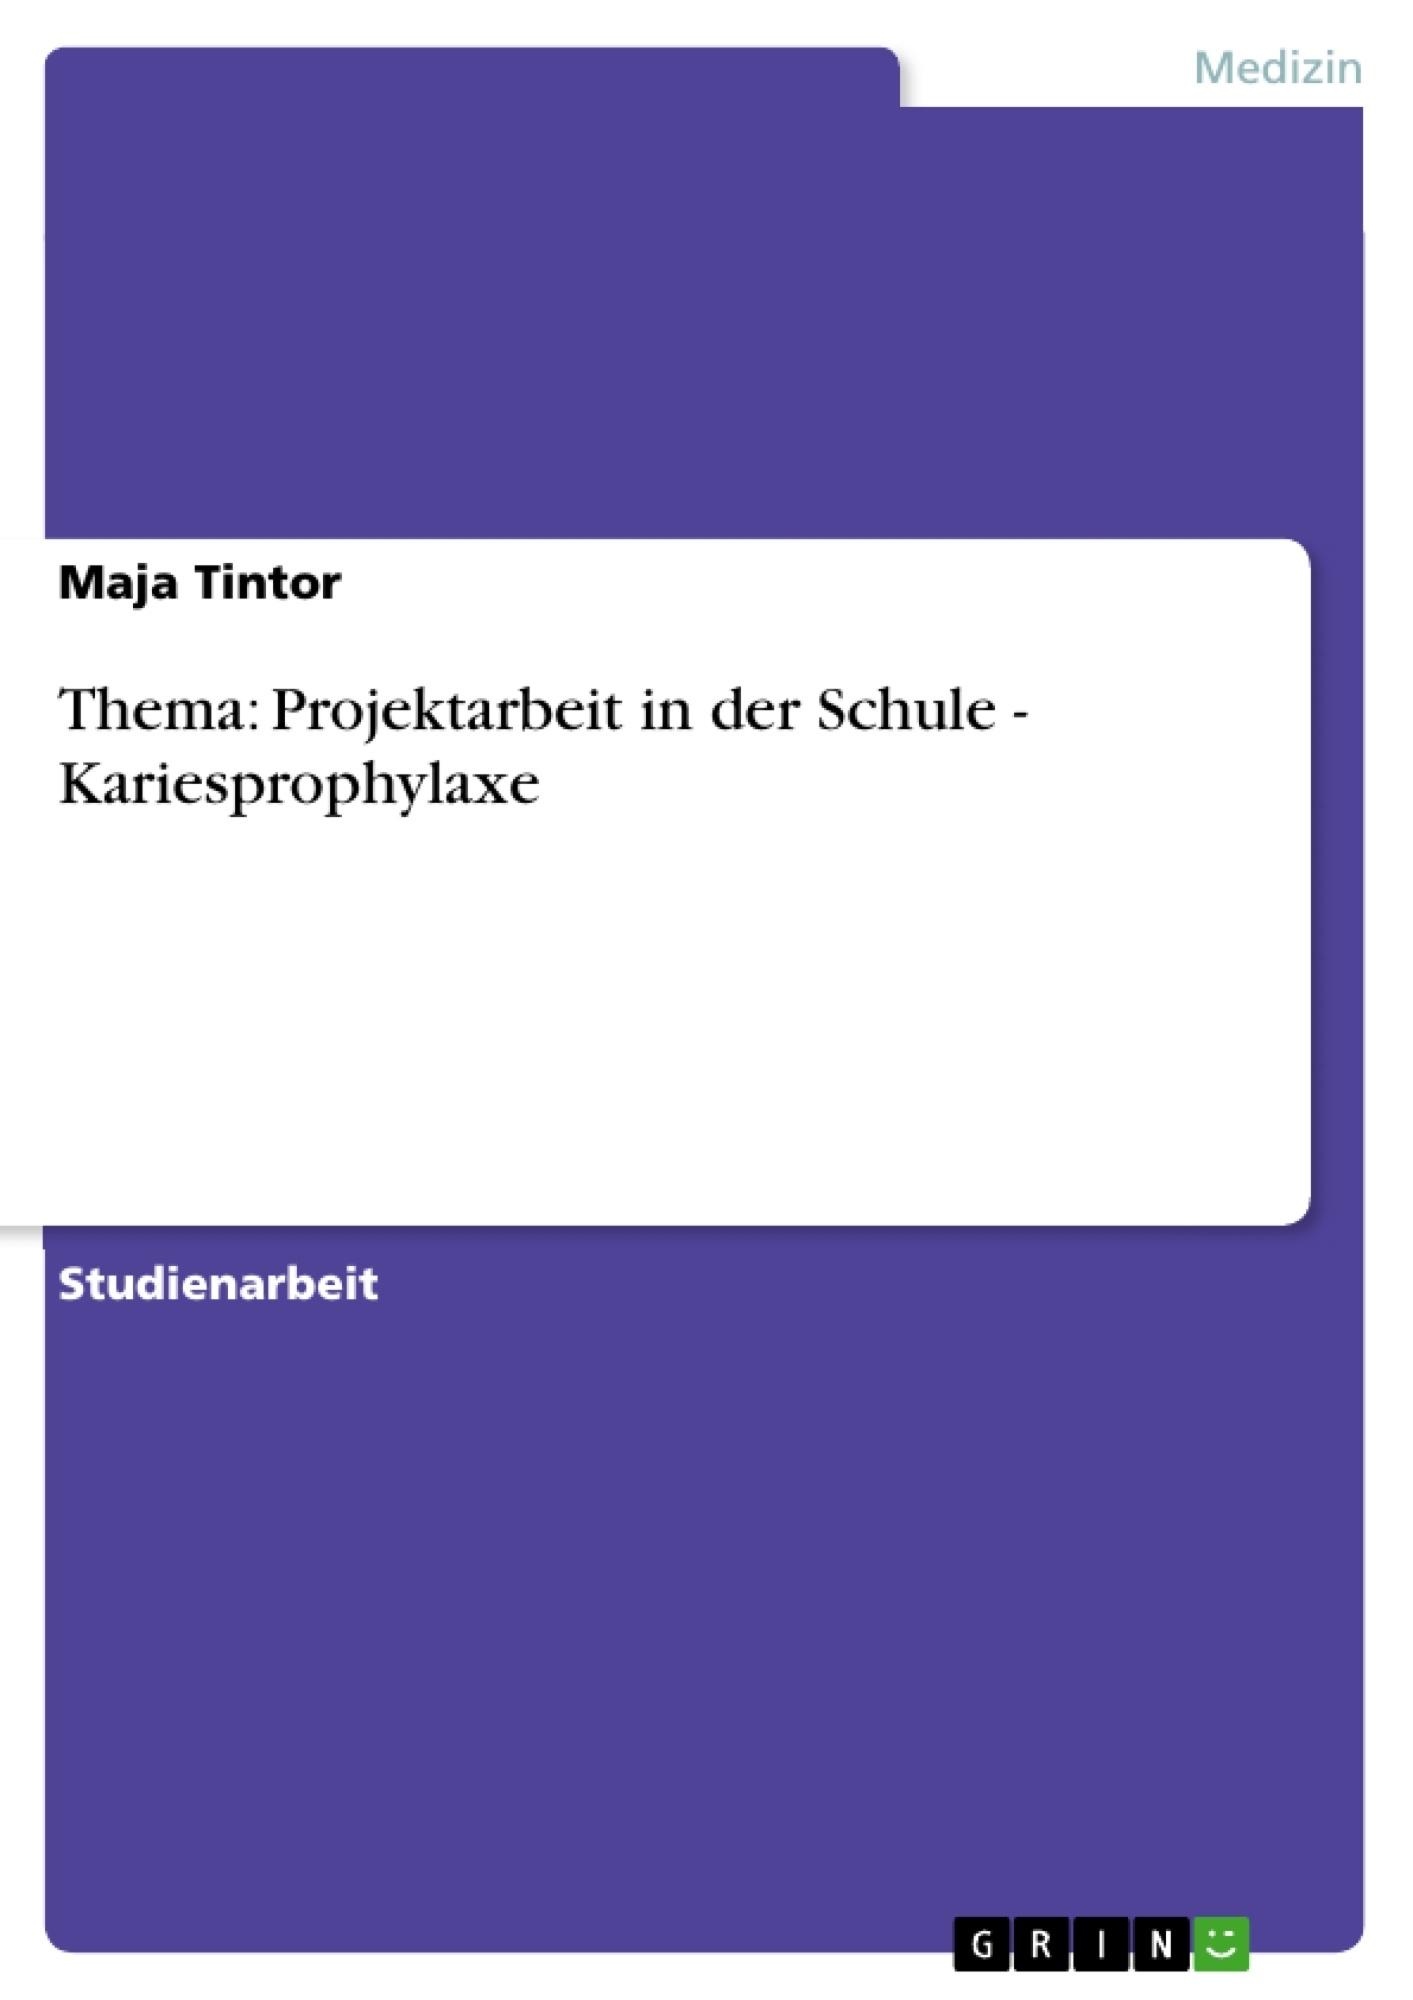 Titel: Thema: Projektarbeit in der Schule - Kariesprophylaxe